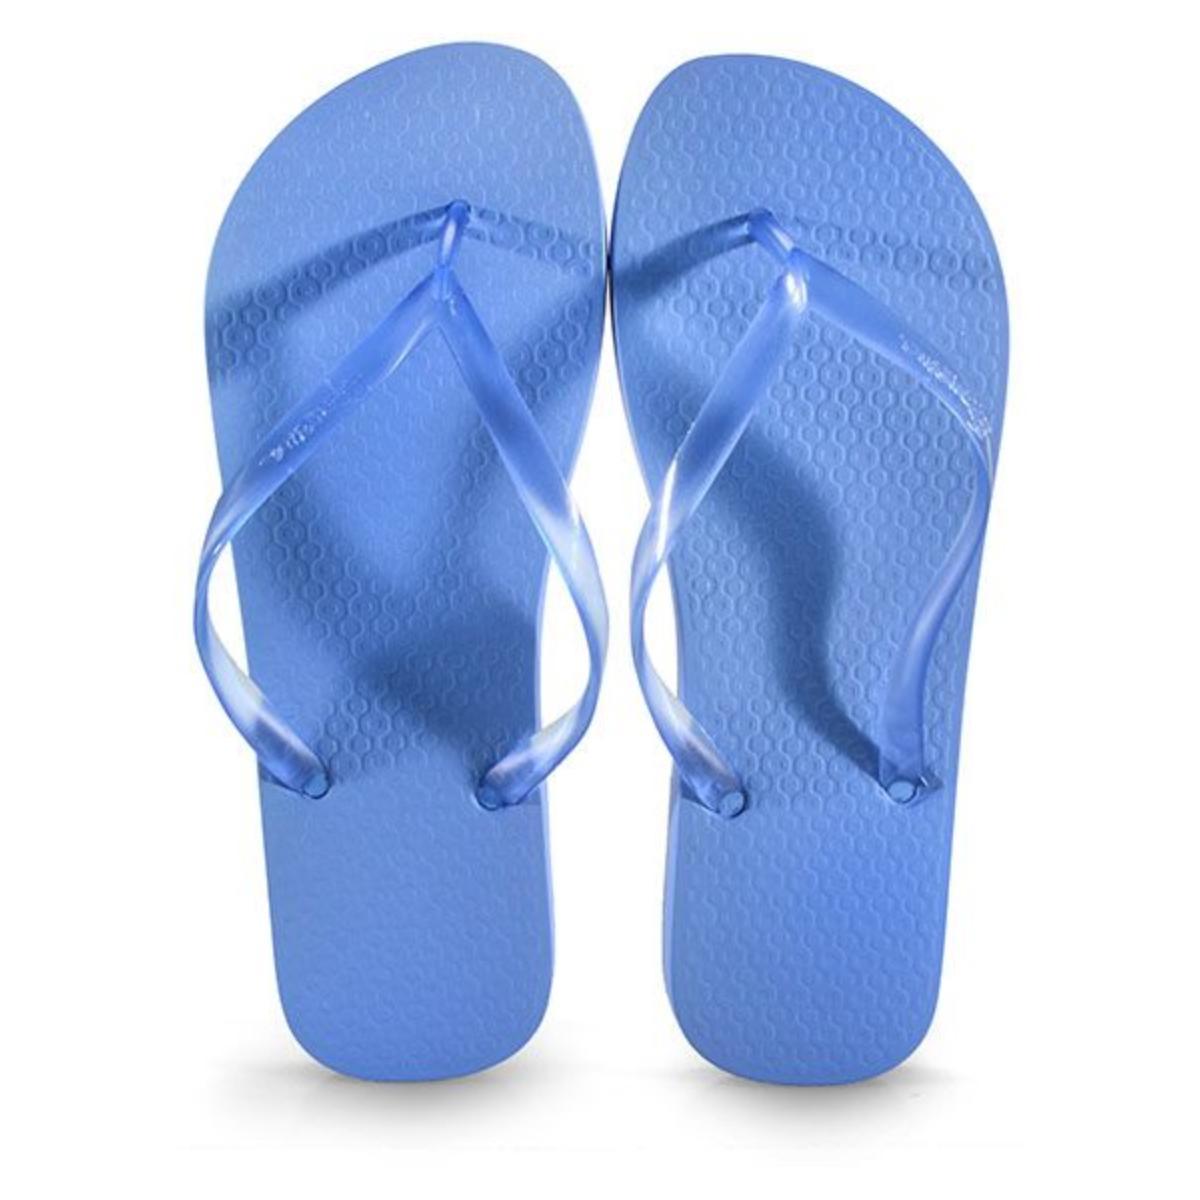 Chinelo Feminino Grendene 26603 20729 Ipanema Classica Azul